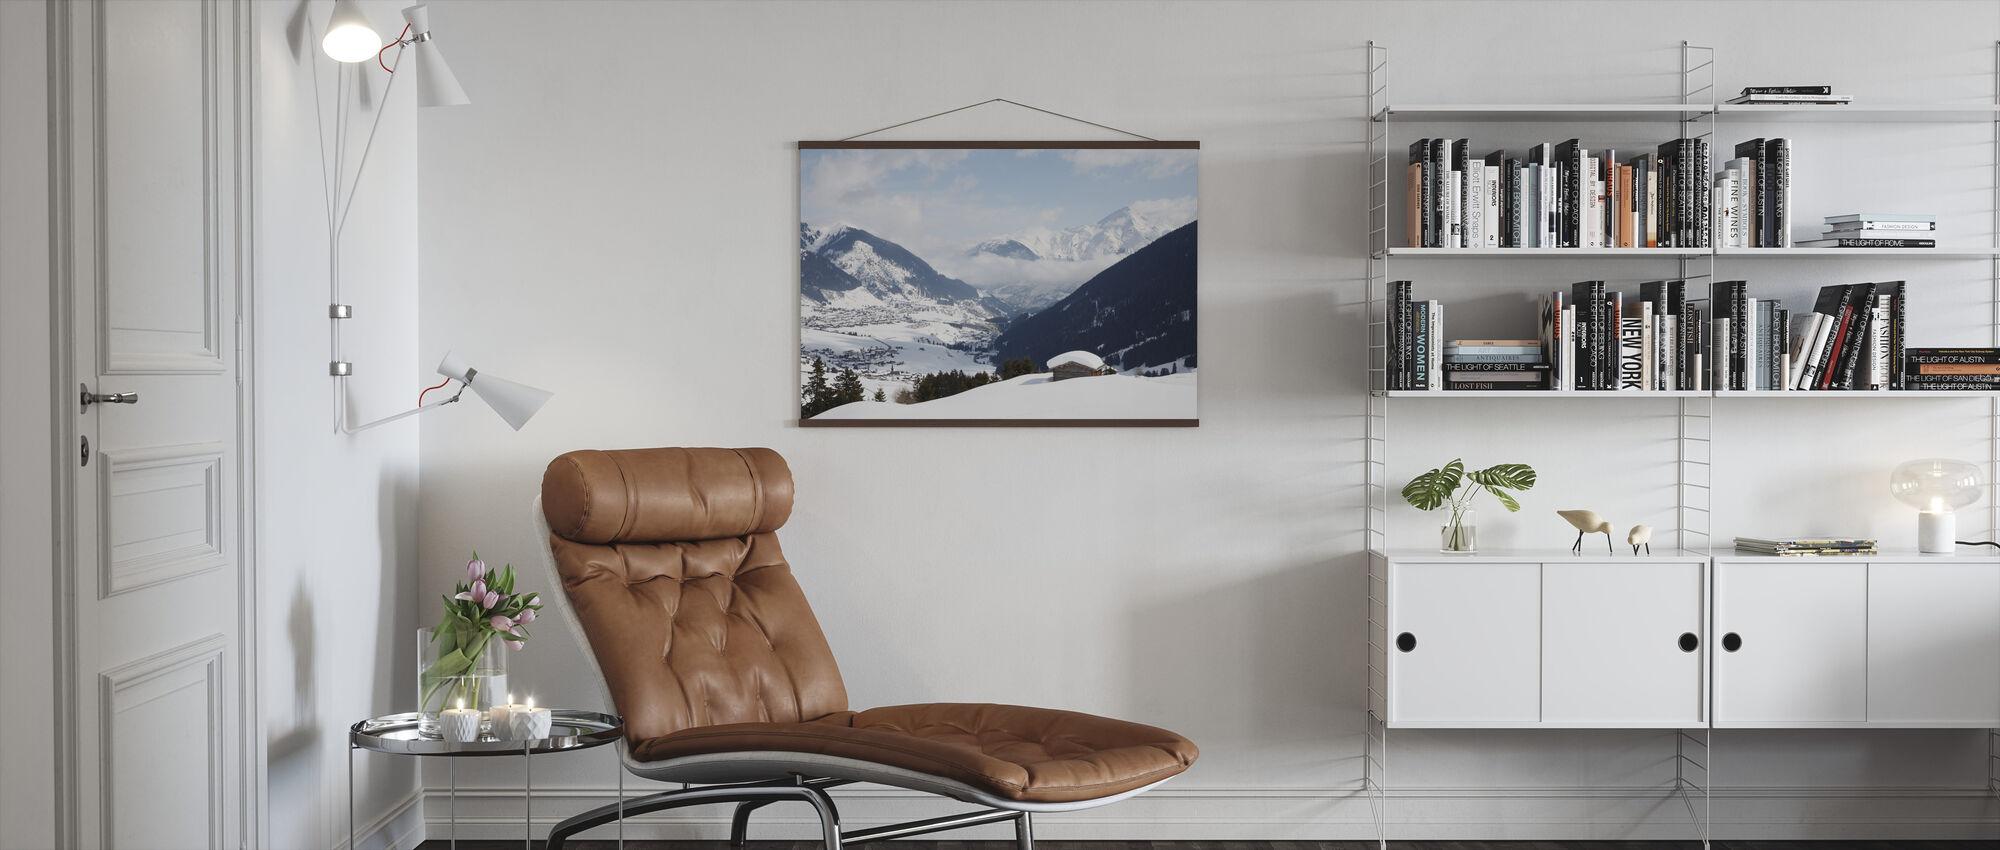 Andermatt, Switzerland - Poster - Living Room